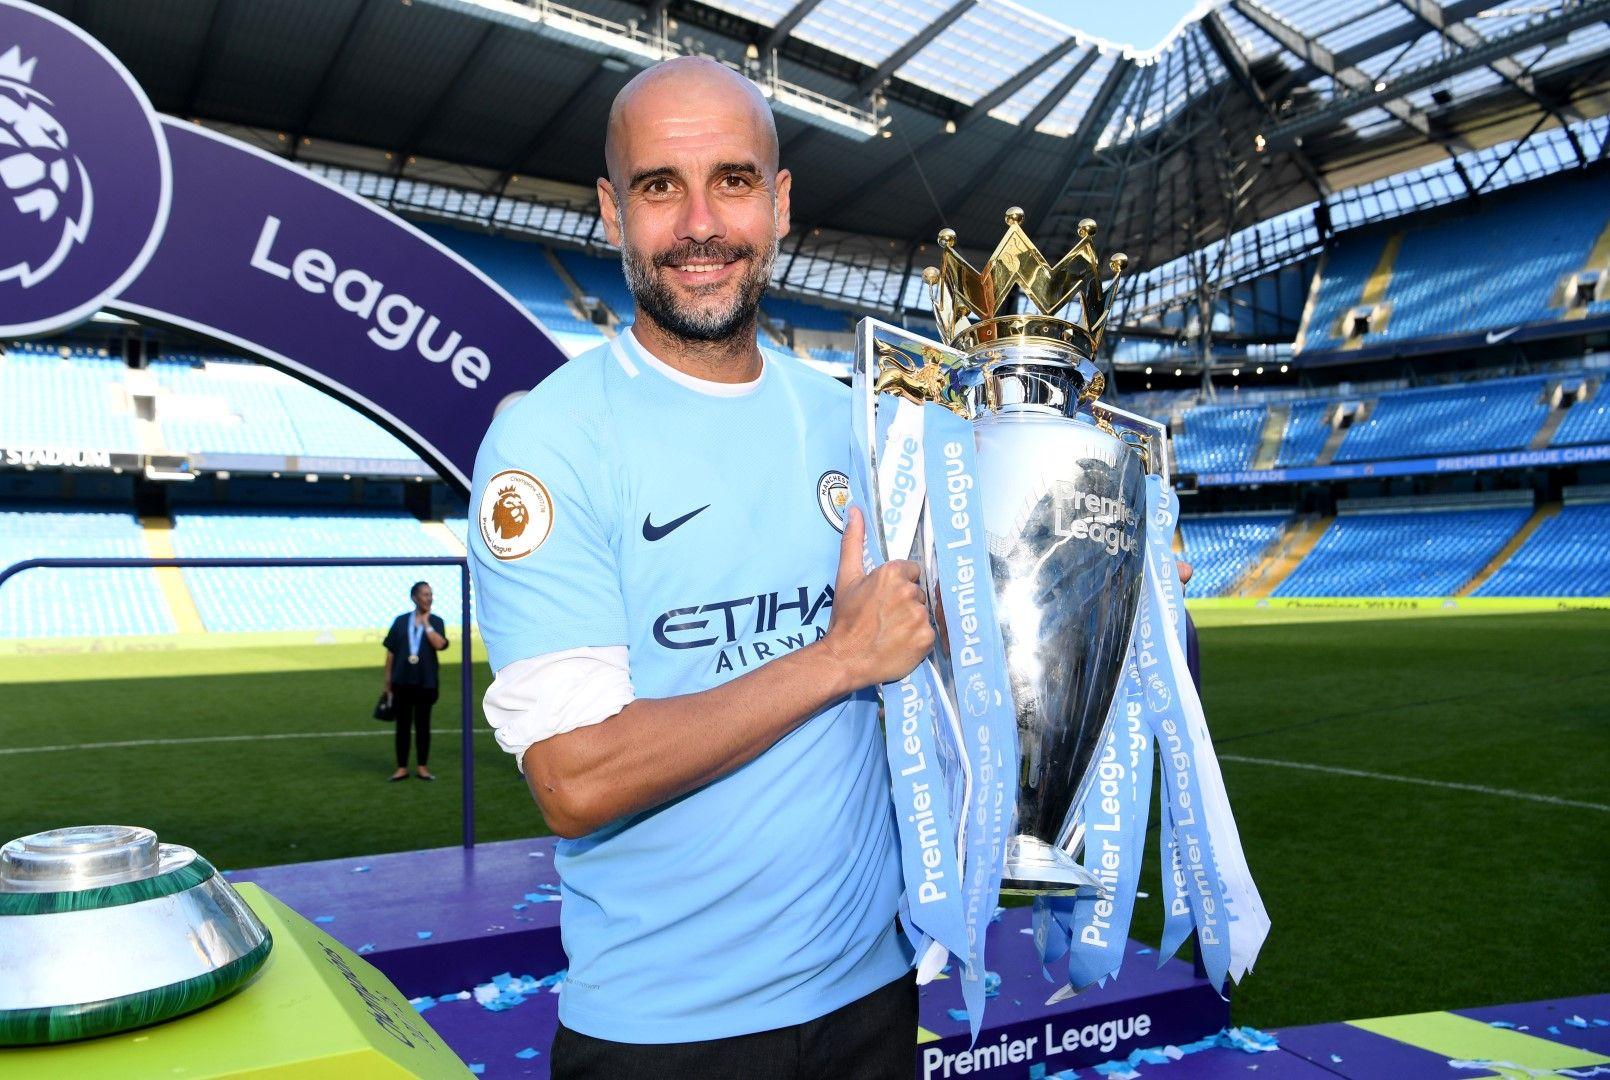 Шампион за първи път с Манчестър Сити, май 2018 г.